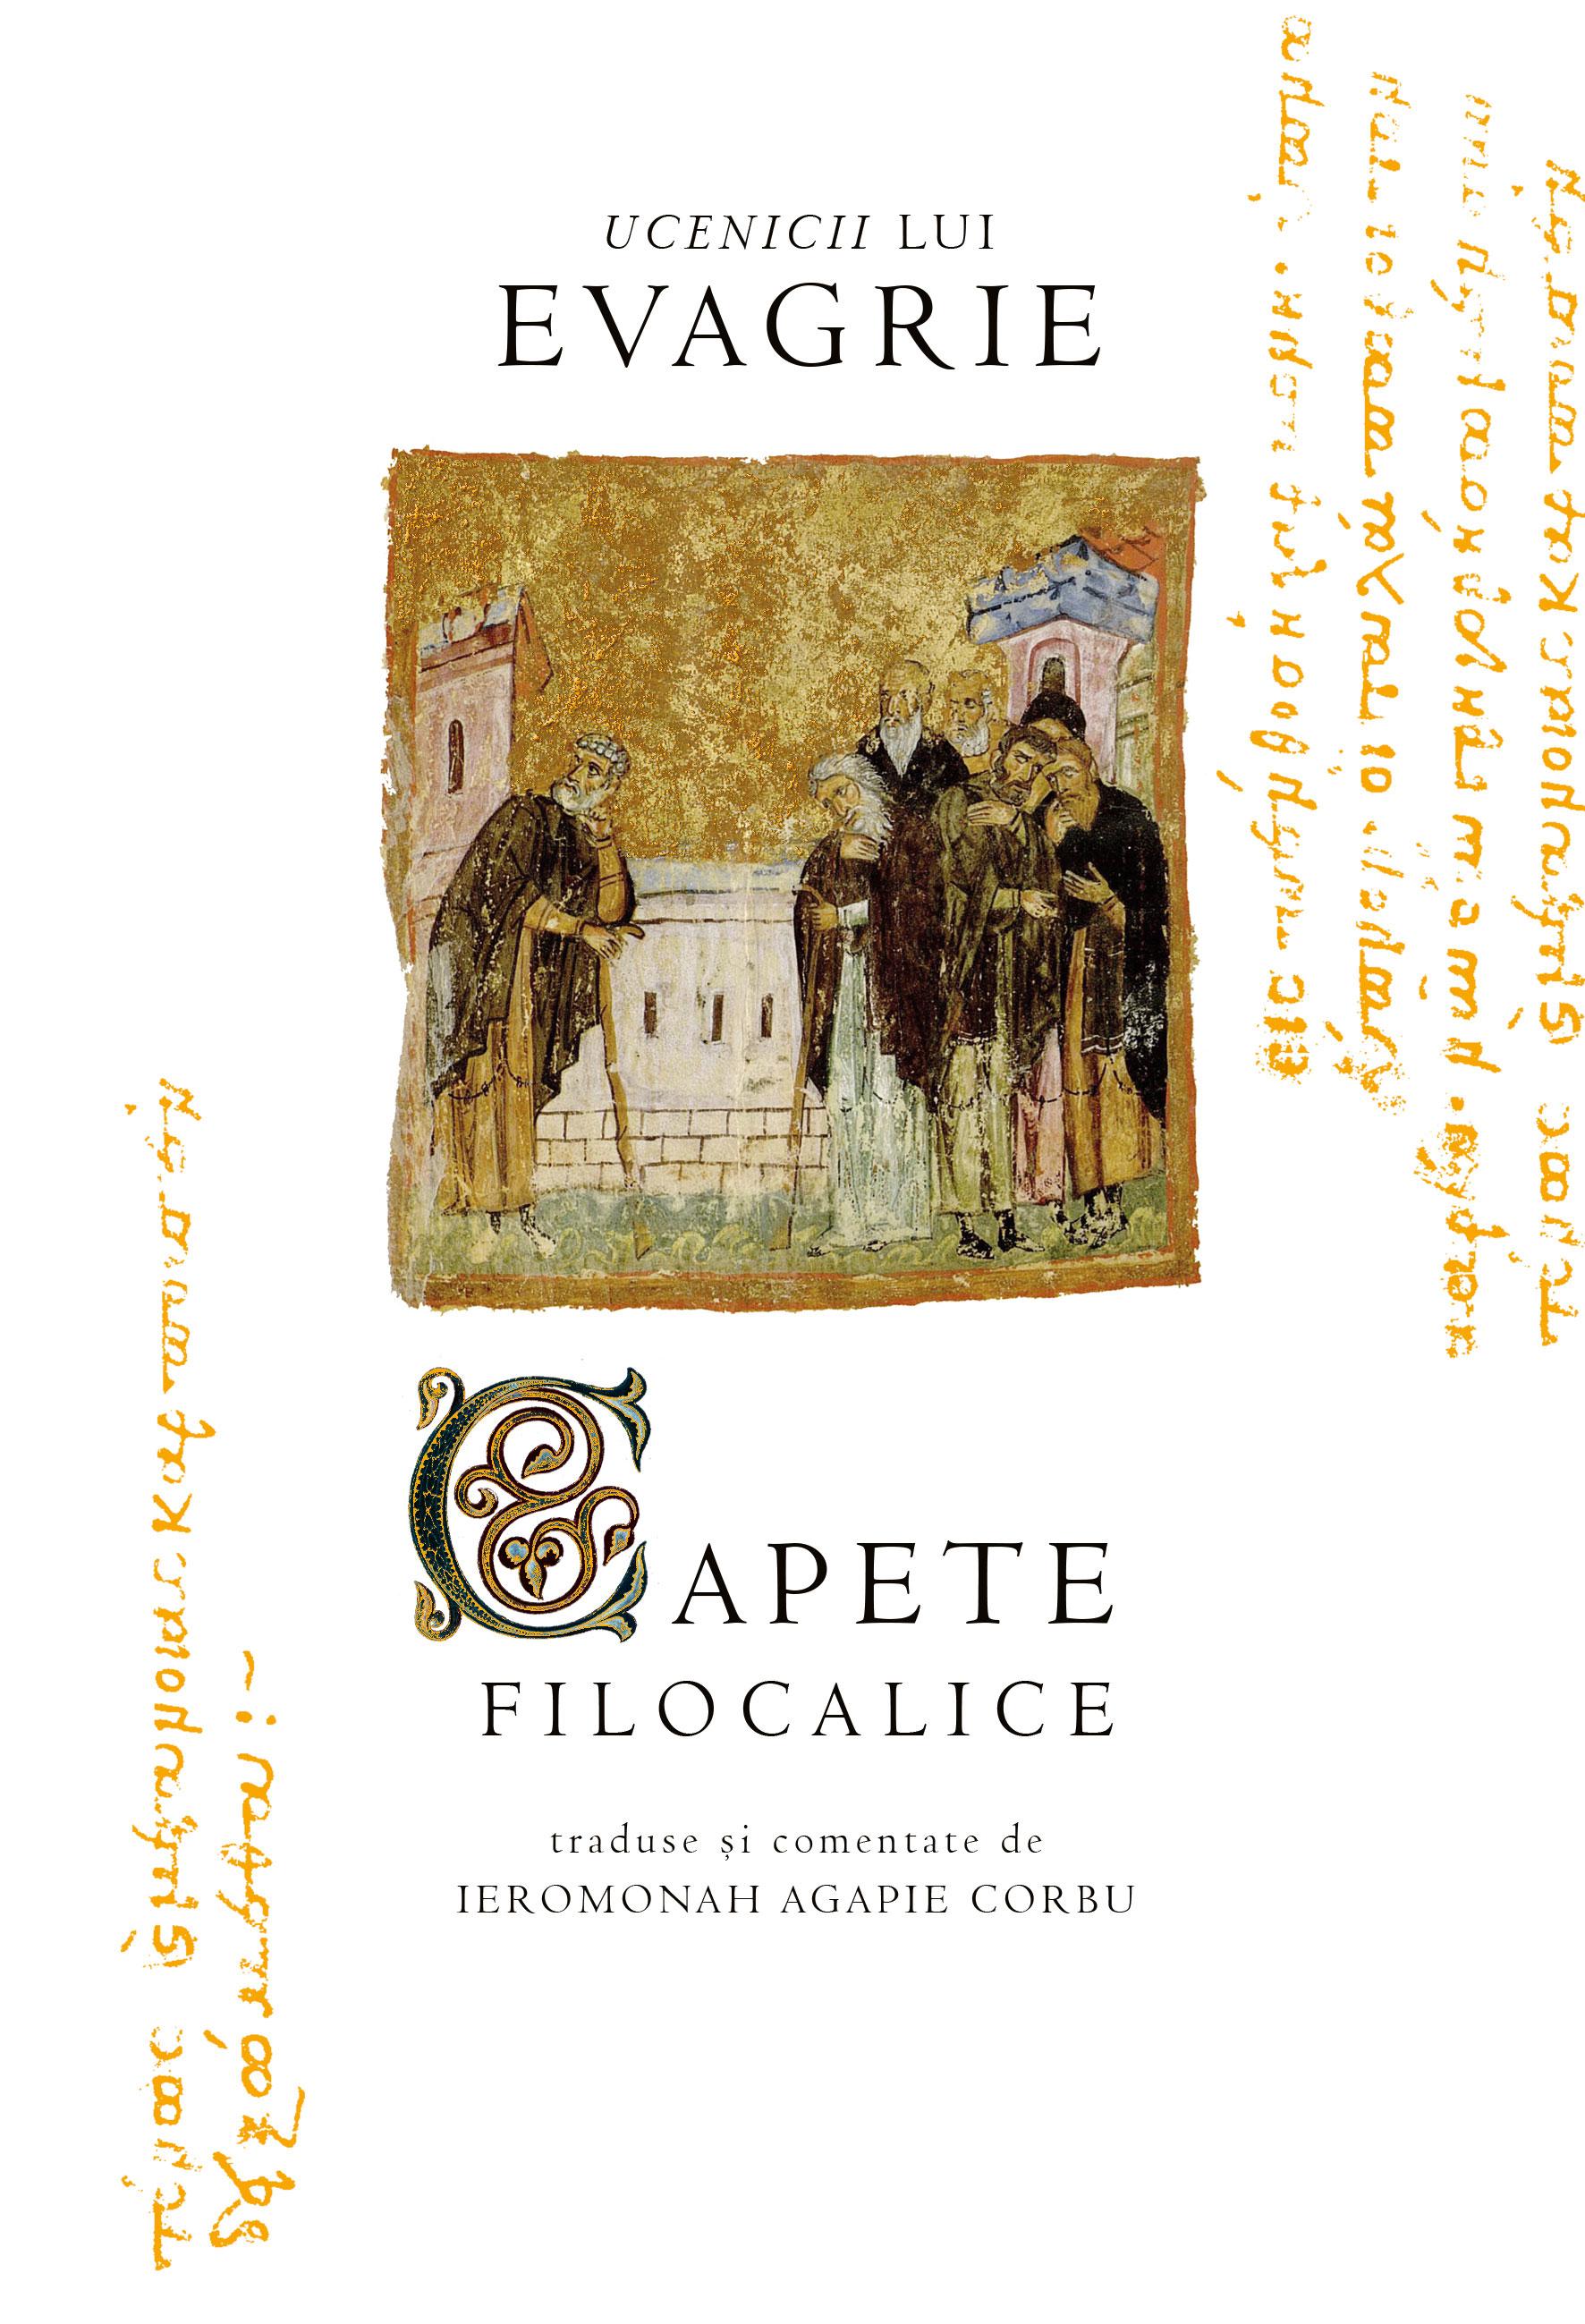 Ucenicii lui Evagrie - Capetele filocalice traduse si comentate de Ieromonah Agapie CORBU